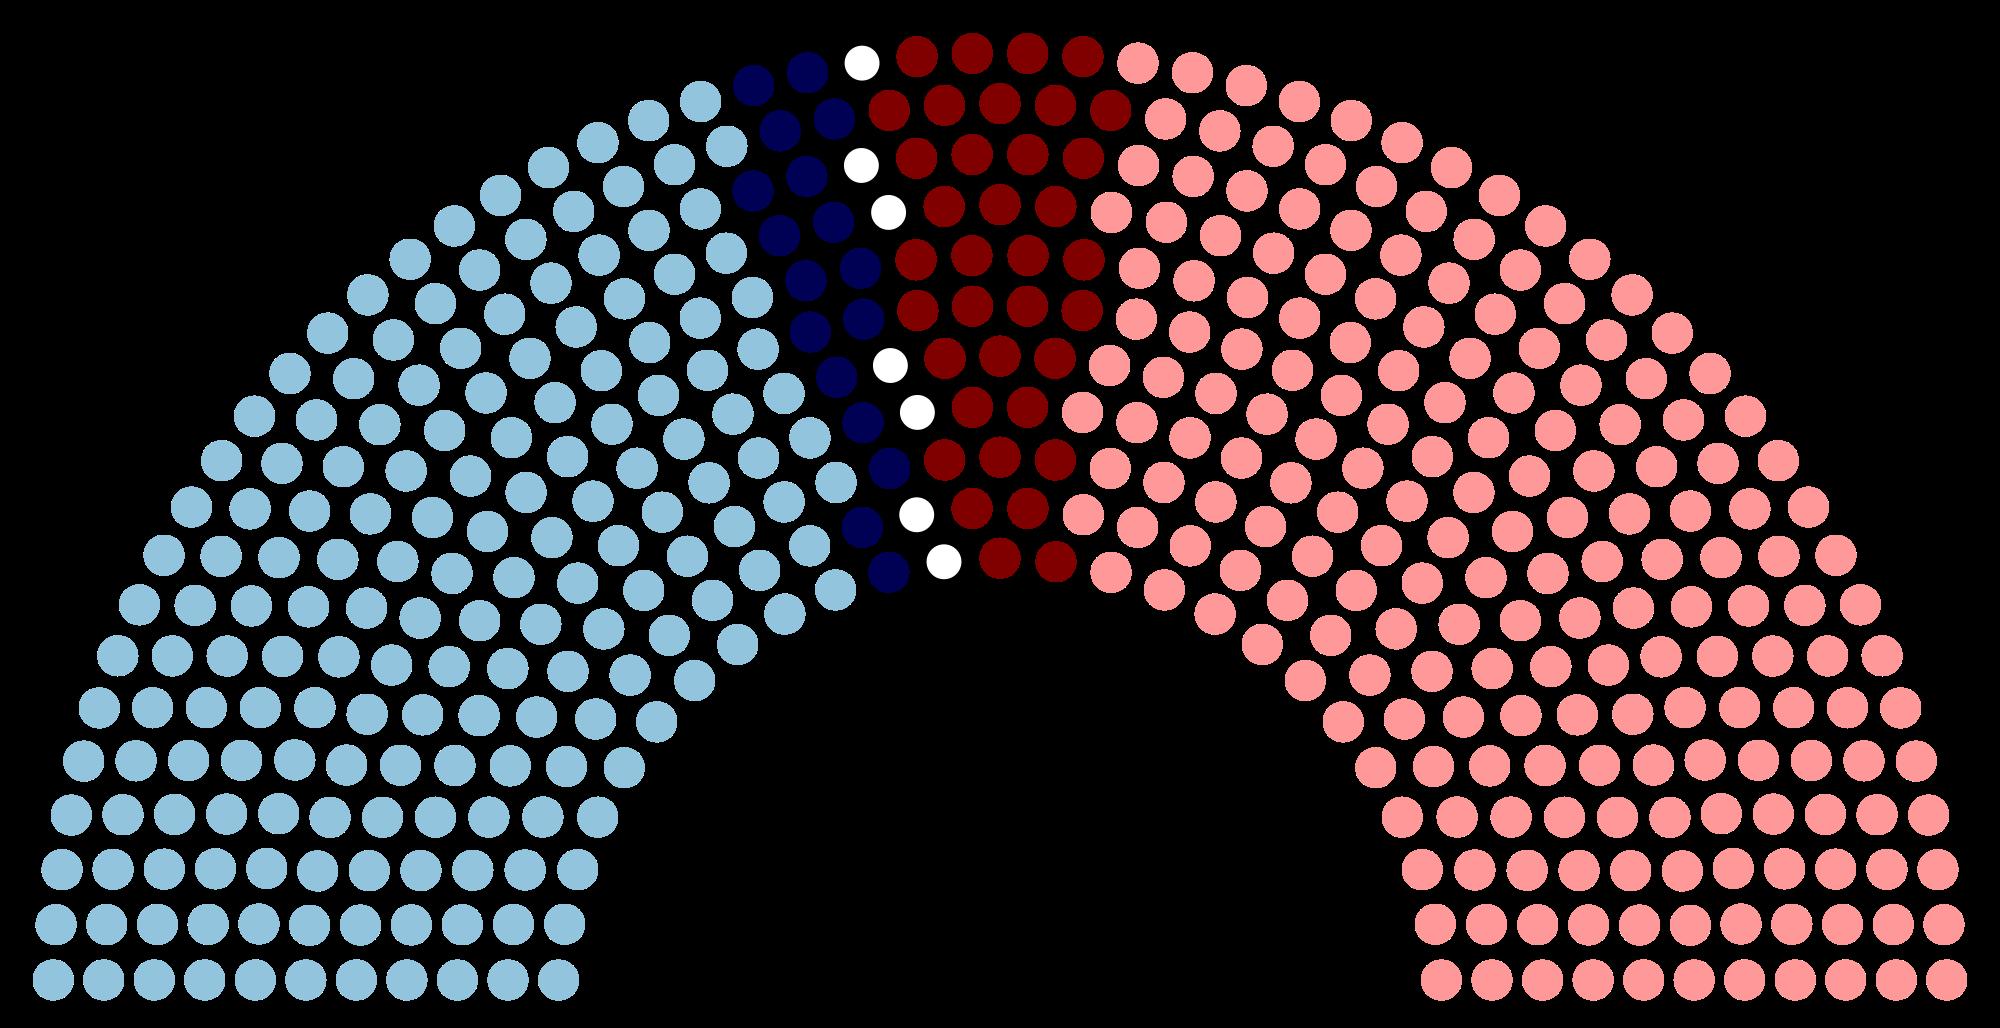 Bầu cử giữa nhiệm kỳ: Cuộc chiến giữa hai phe voi - lừa trong quốc hội Mỹ - Ảnh 3.